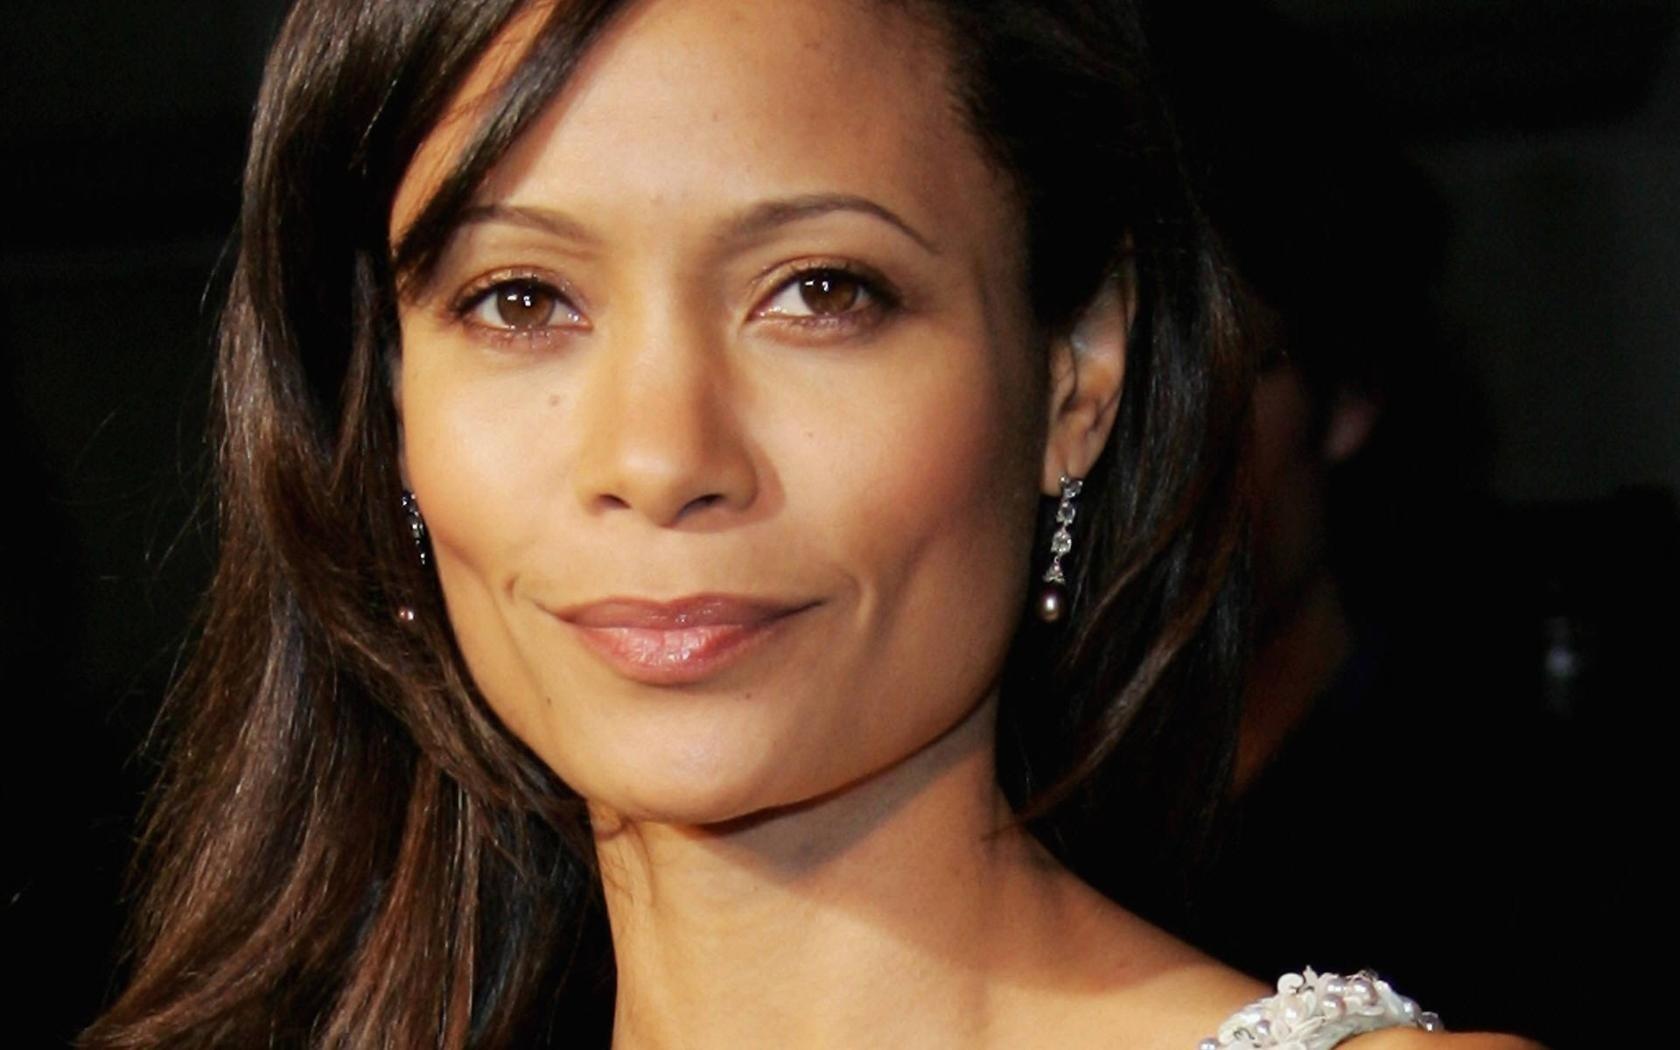 Rogue, l'ex ER Thandie Newton torna protagonista su DirecTV?